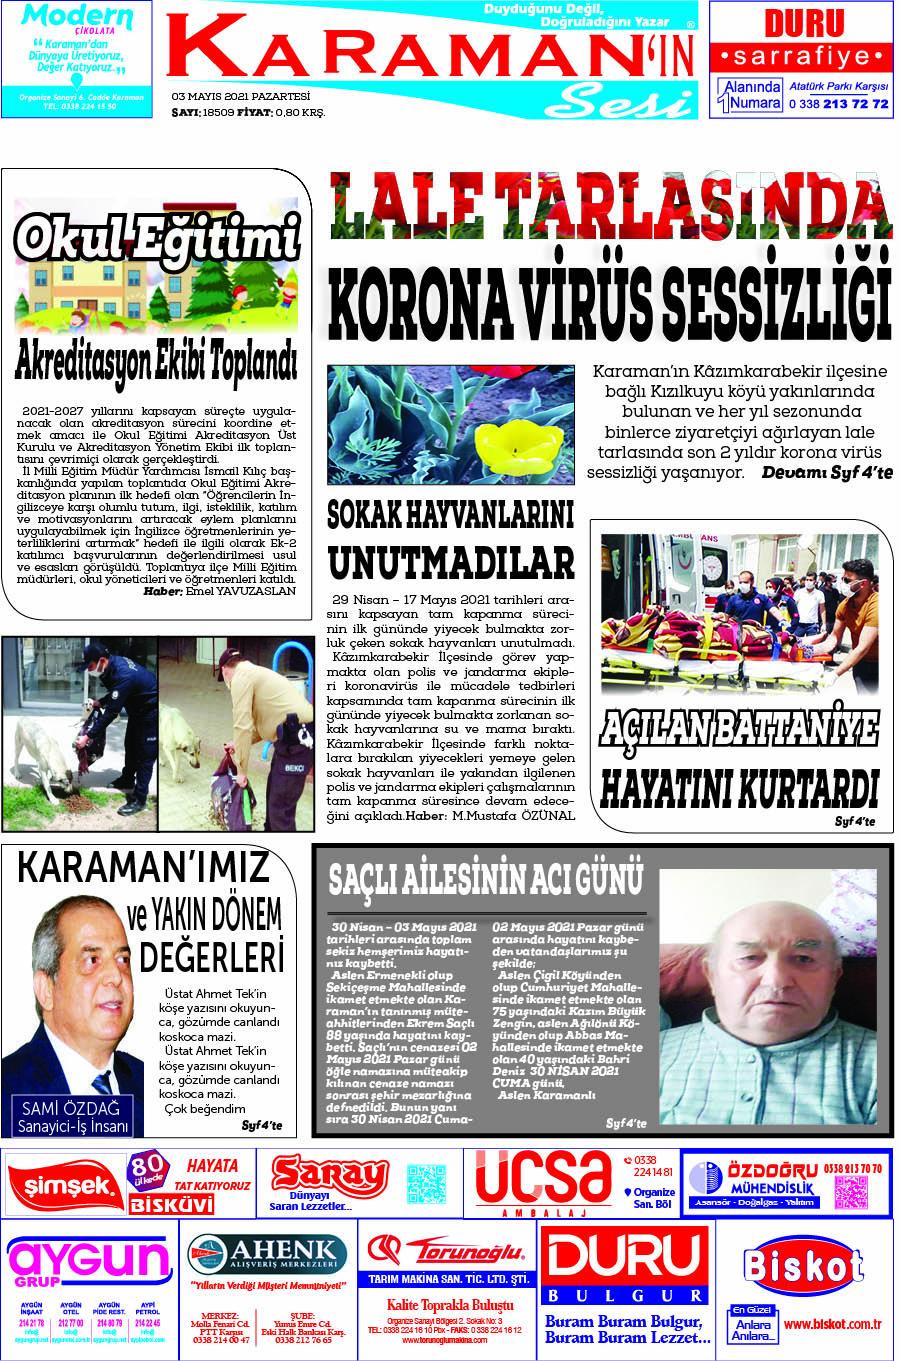 Karaman - Karaman Son Dakika Haberleri - Karaman Haber Karaman  - 03.05.2021 Manşeti